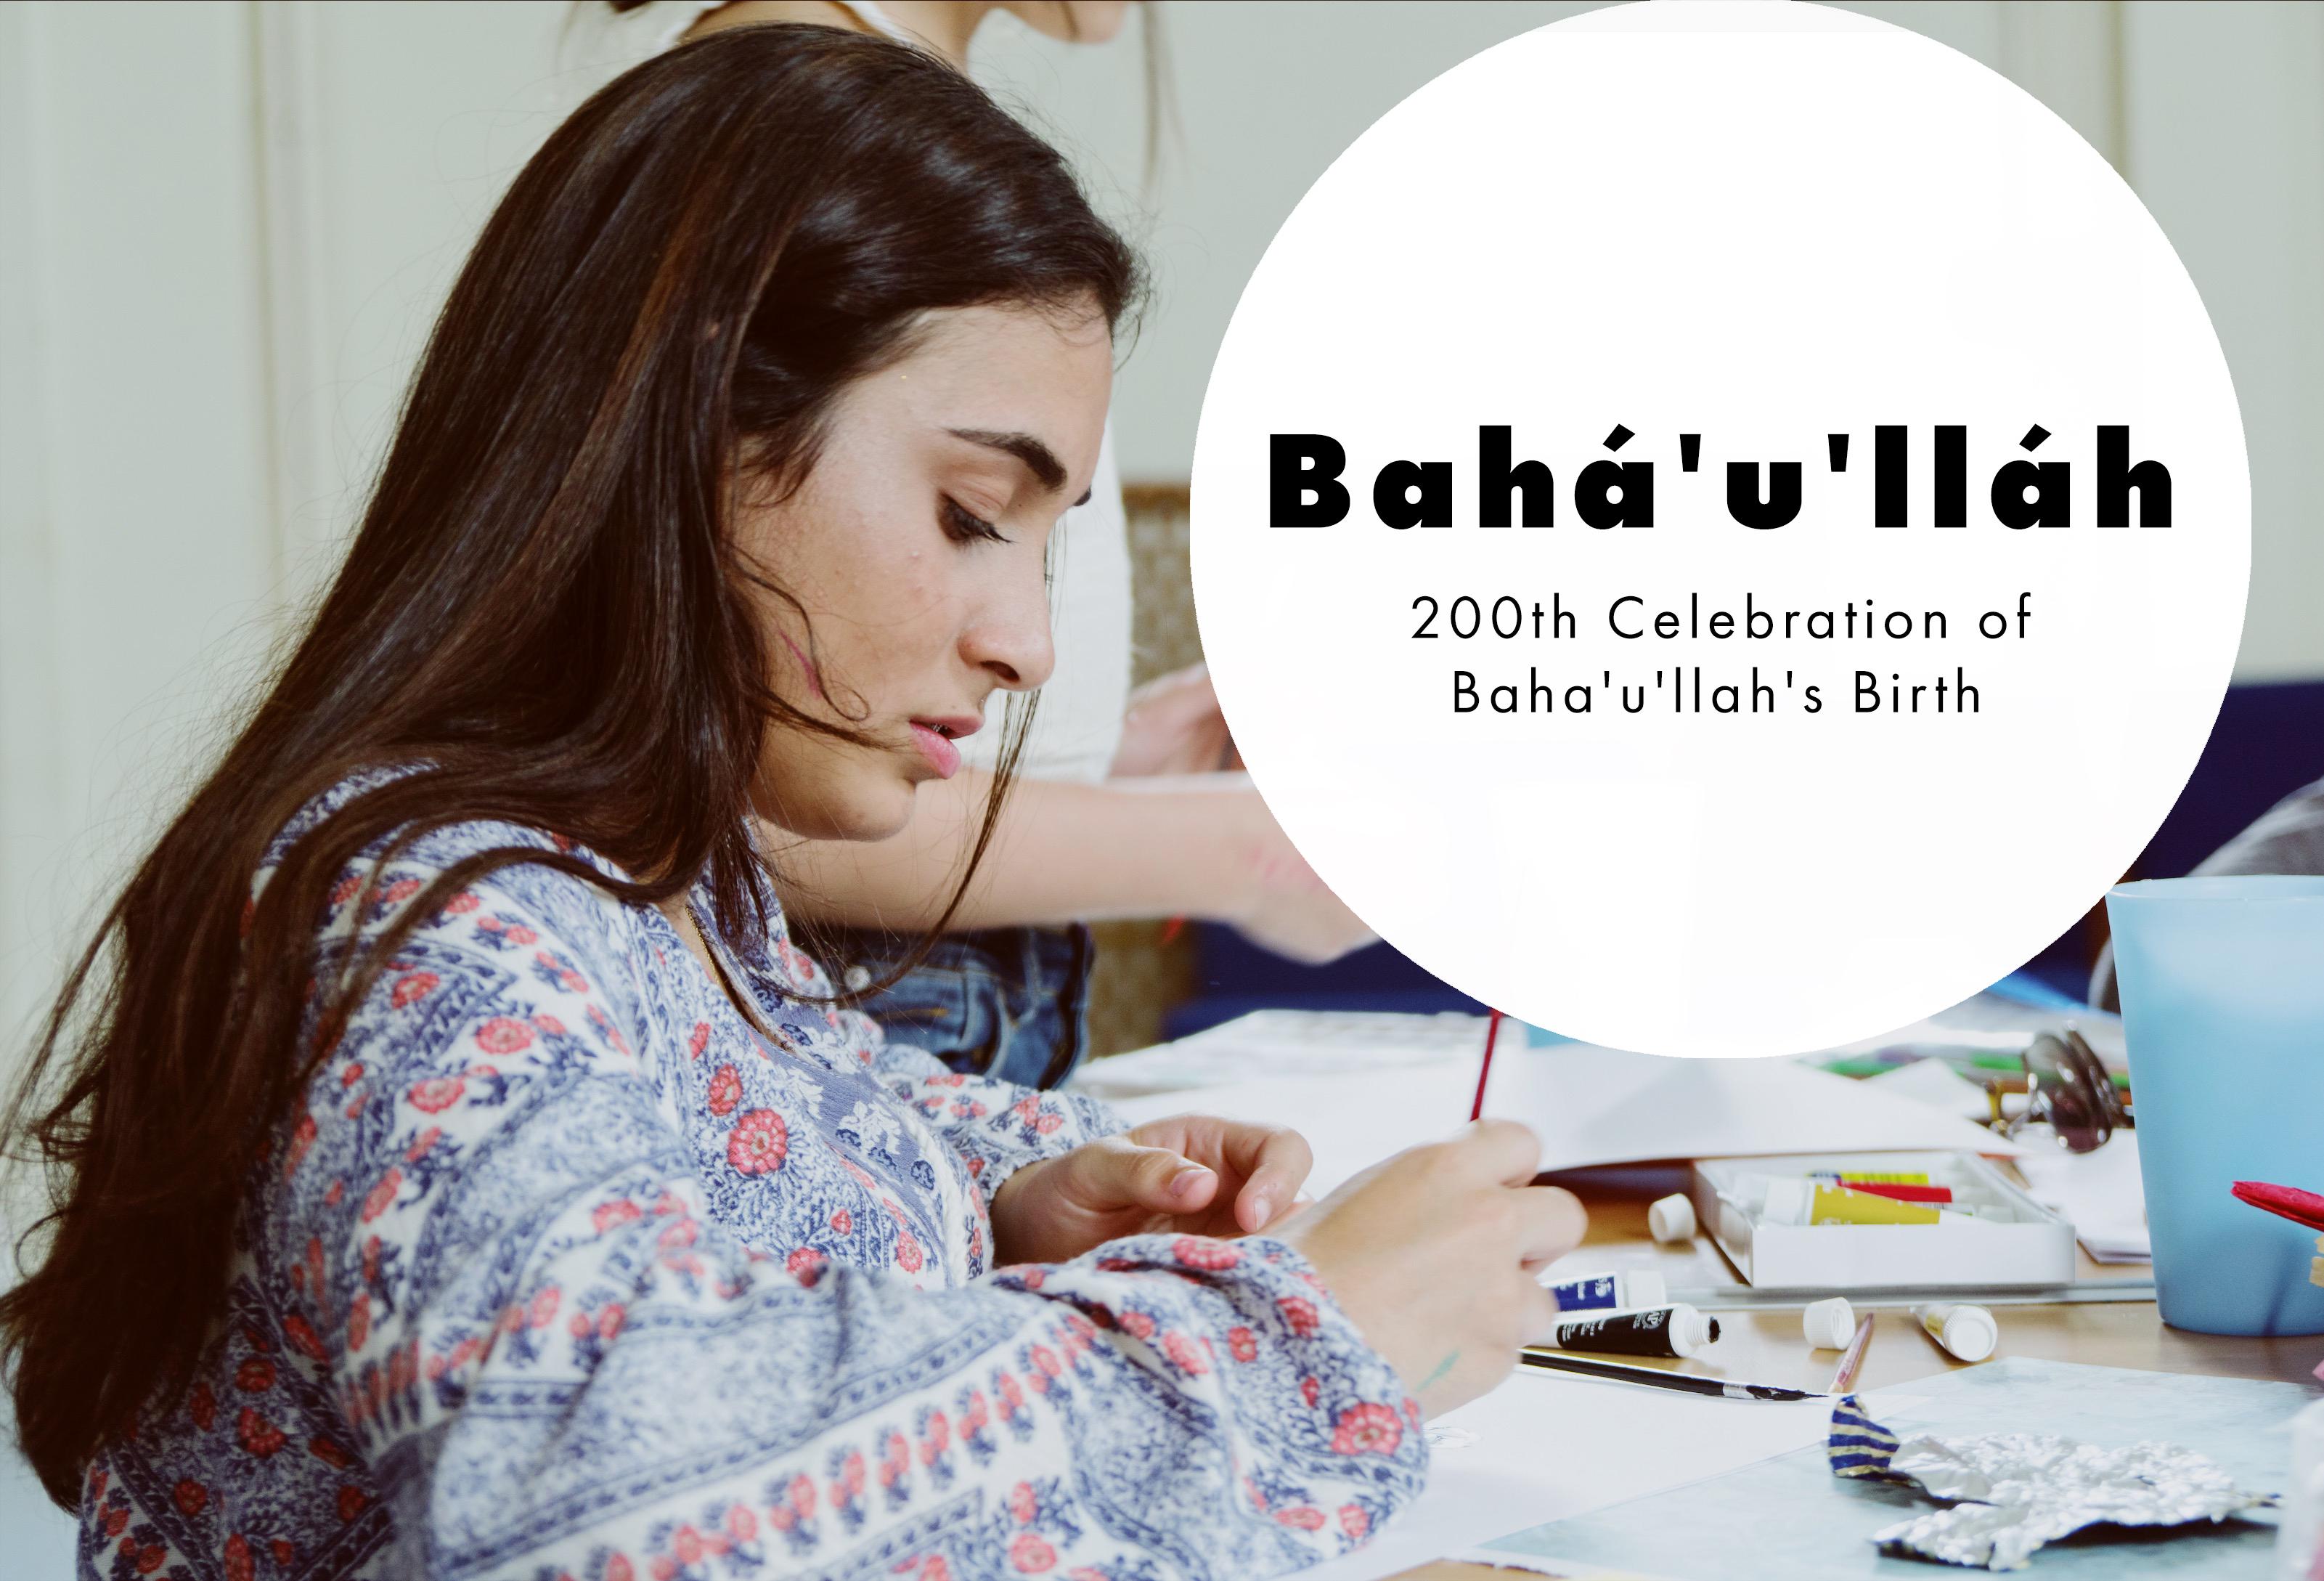 Birth of Bahá'u'lláh – Bahá'í RE